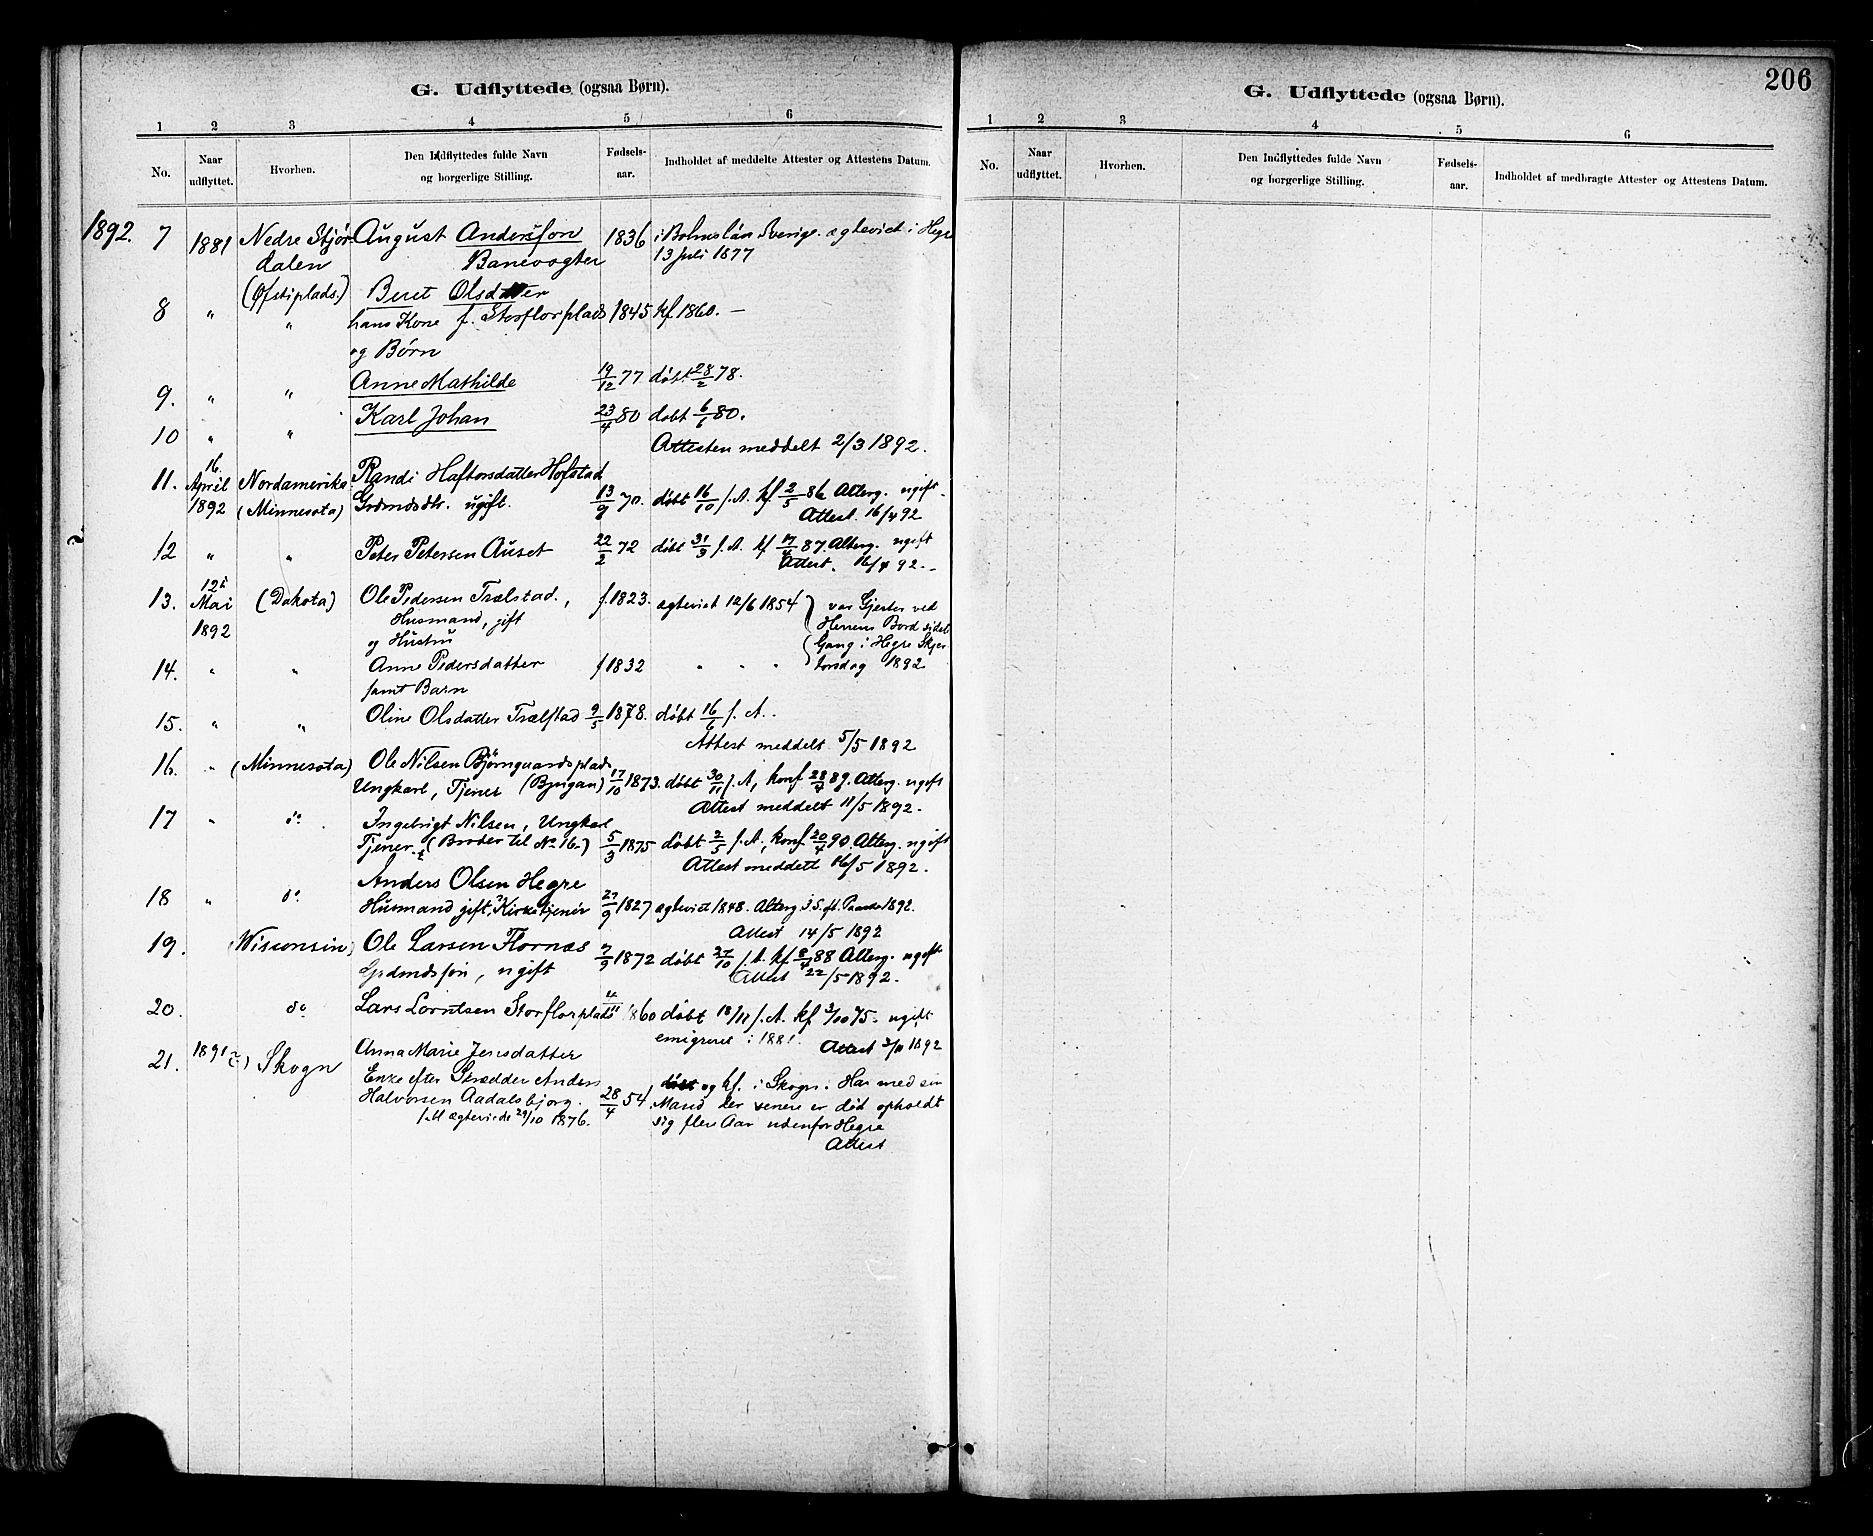 SAT, Ministerialprotokoller, klokkerbøker og fødselsregistre - Nord-Trøndelag, 703/L0030: Parish register (official) no. 703A03, 1880-1892, p. 206